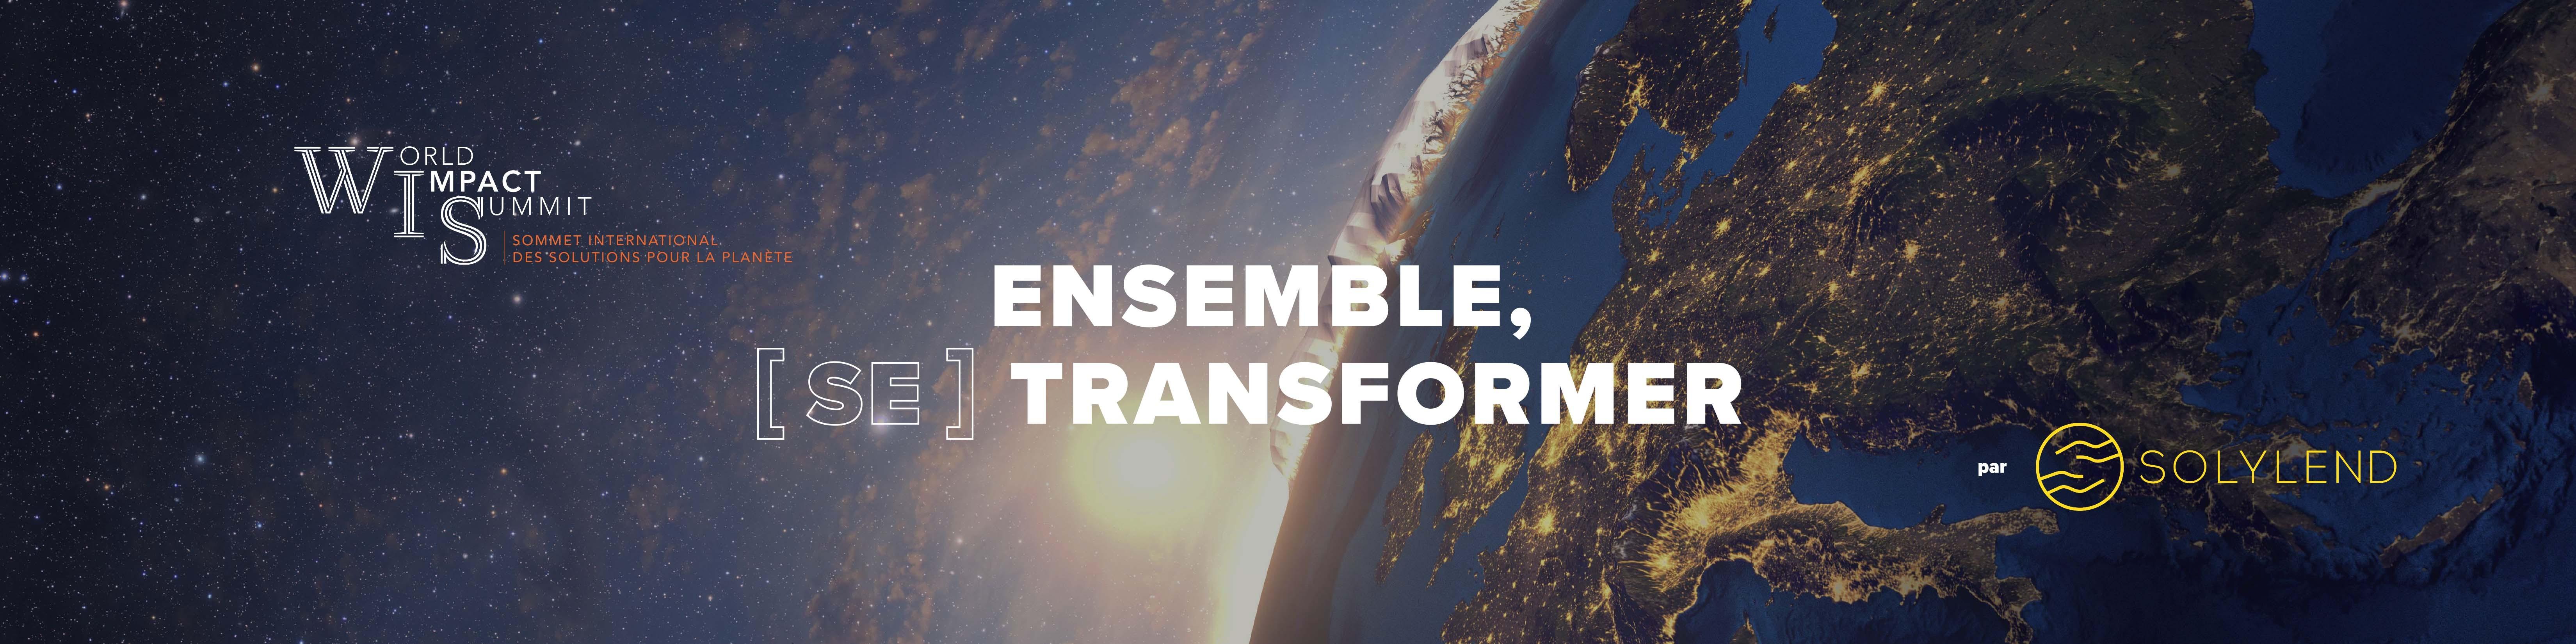 """Résultat de recherche d'images pour """"world impact summit"""""""